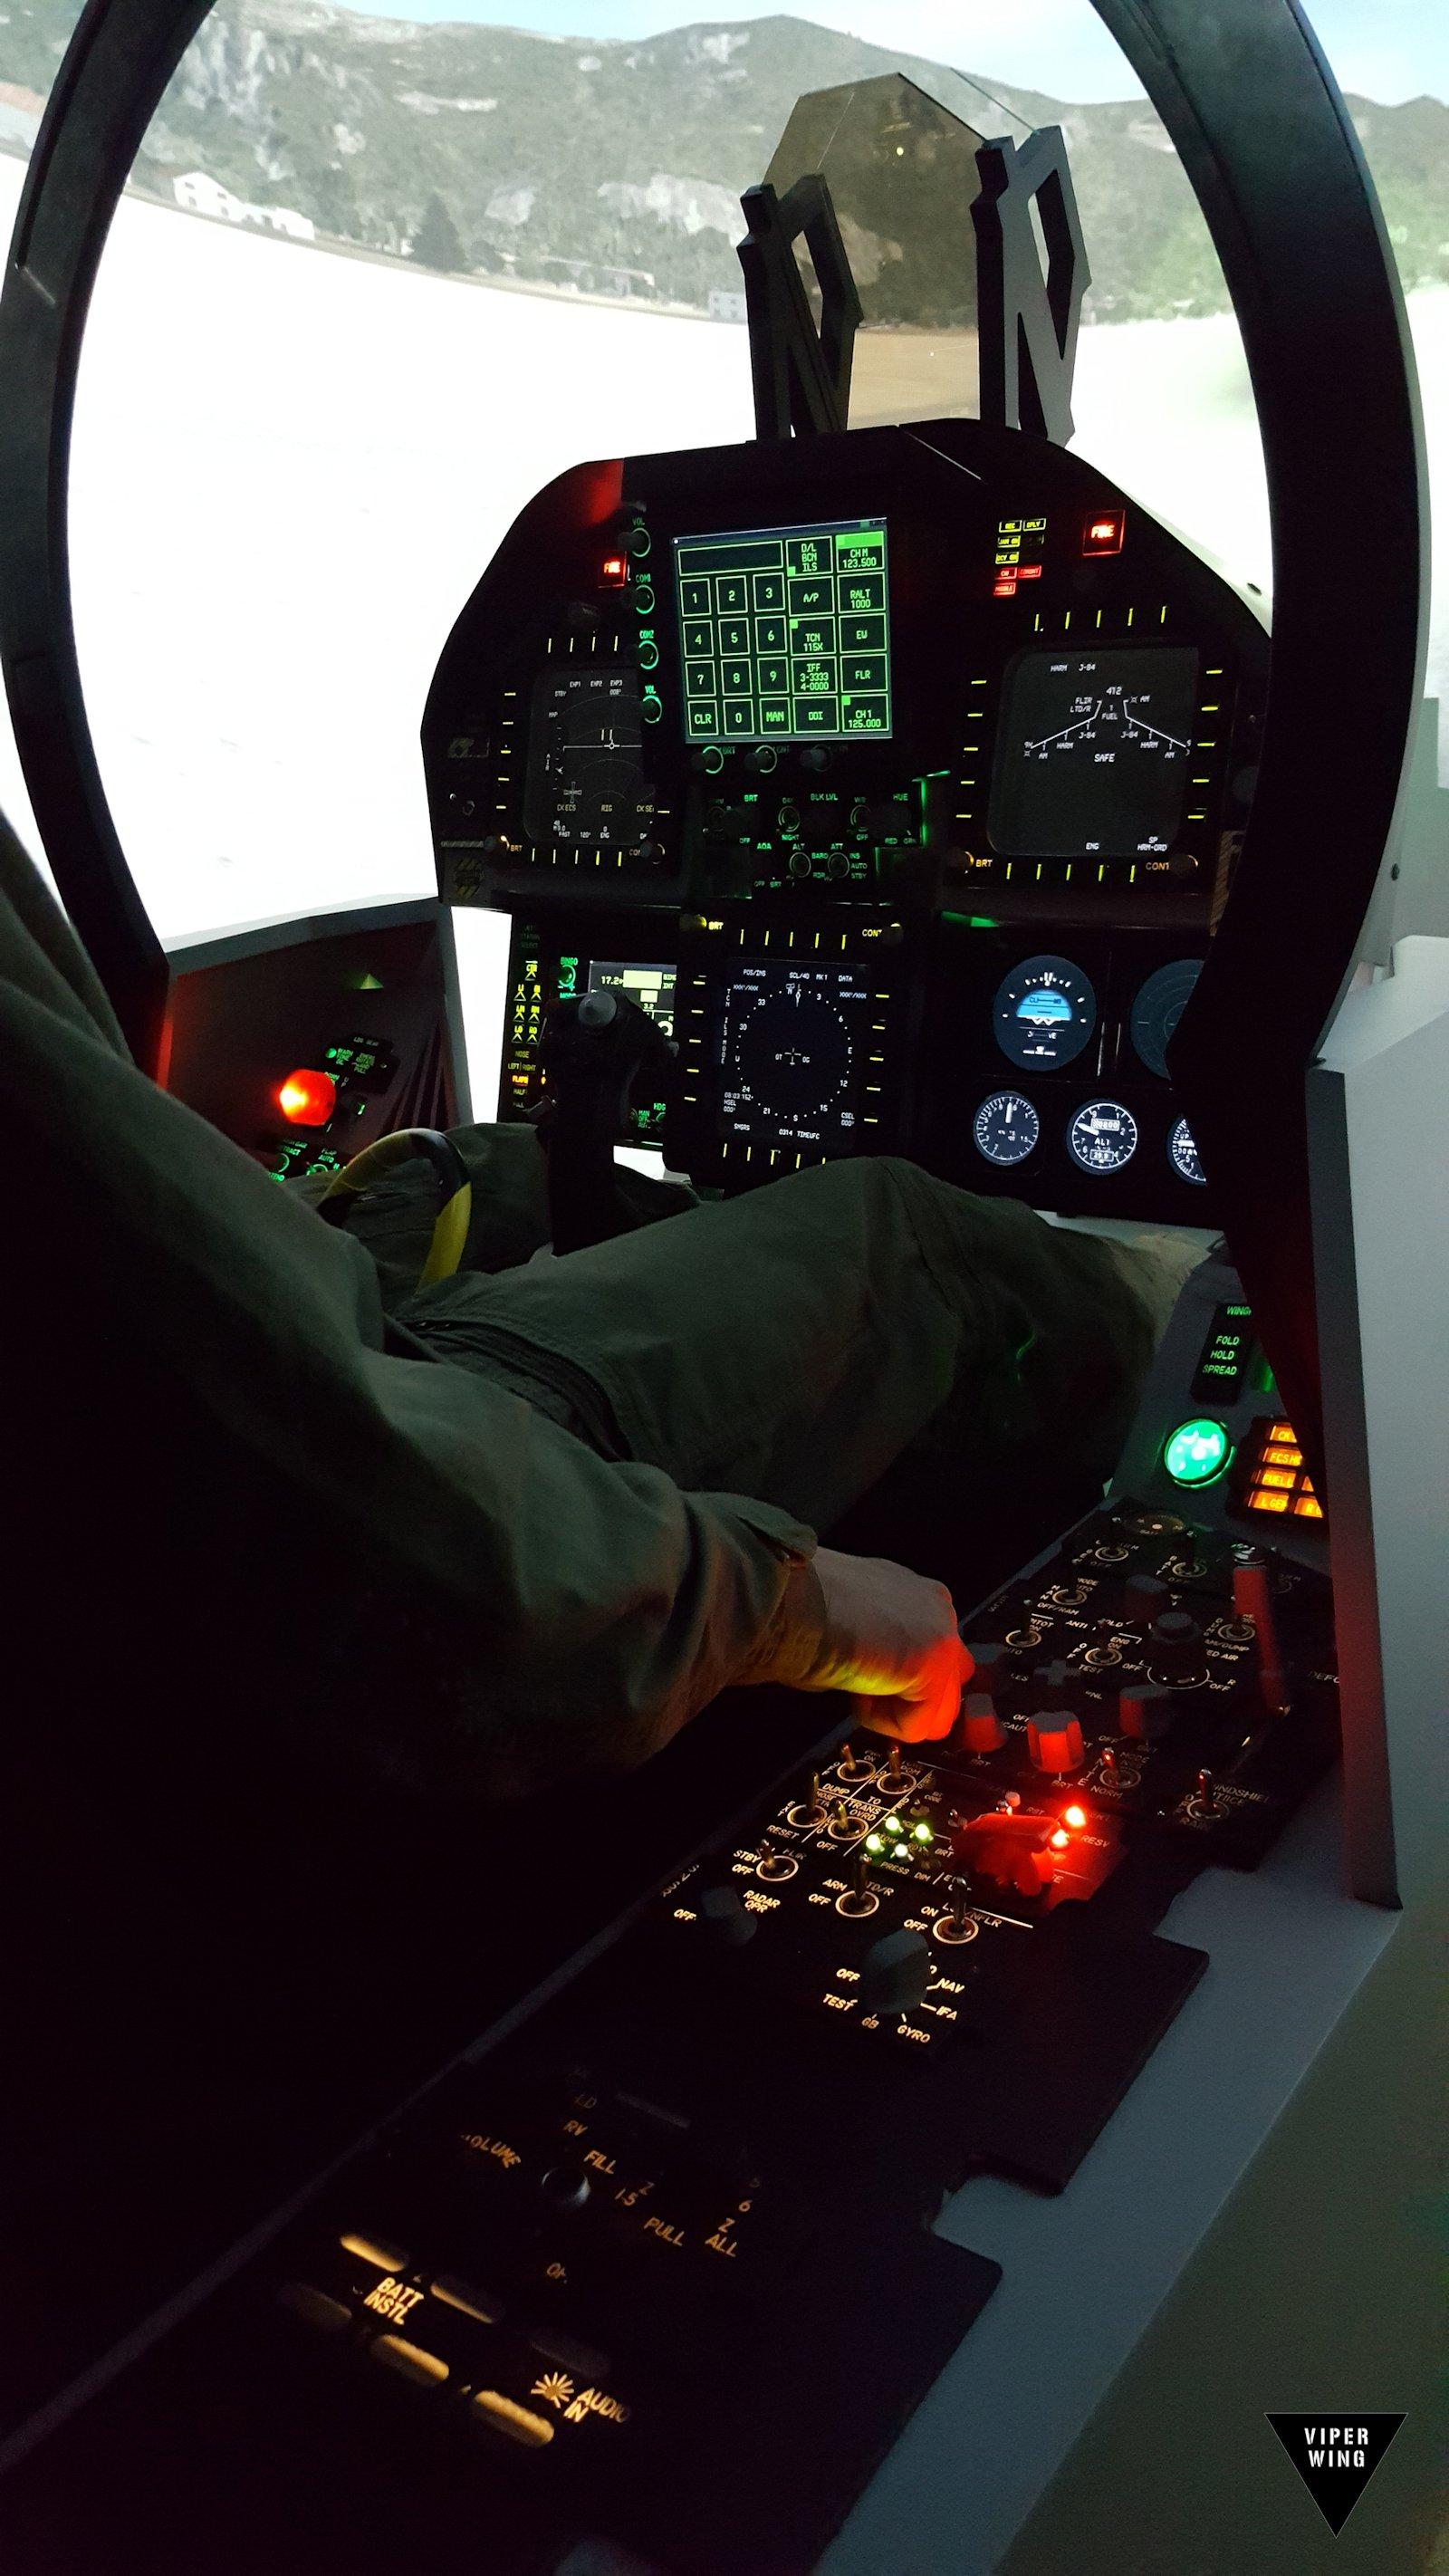 F 18 Cockpit F-18, F/A-18 simulator...